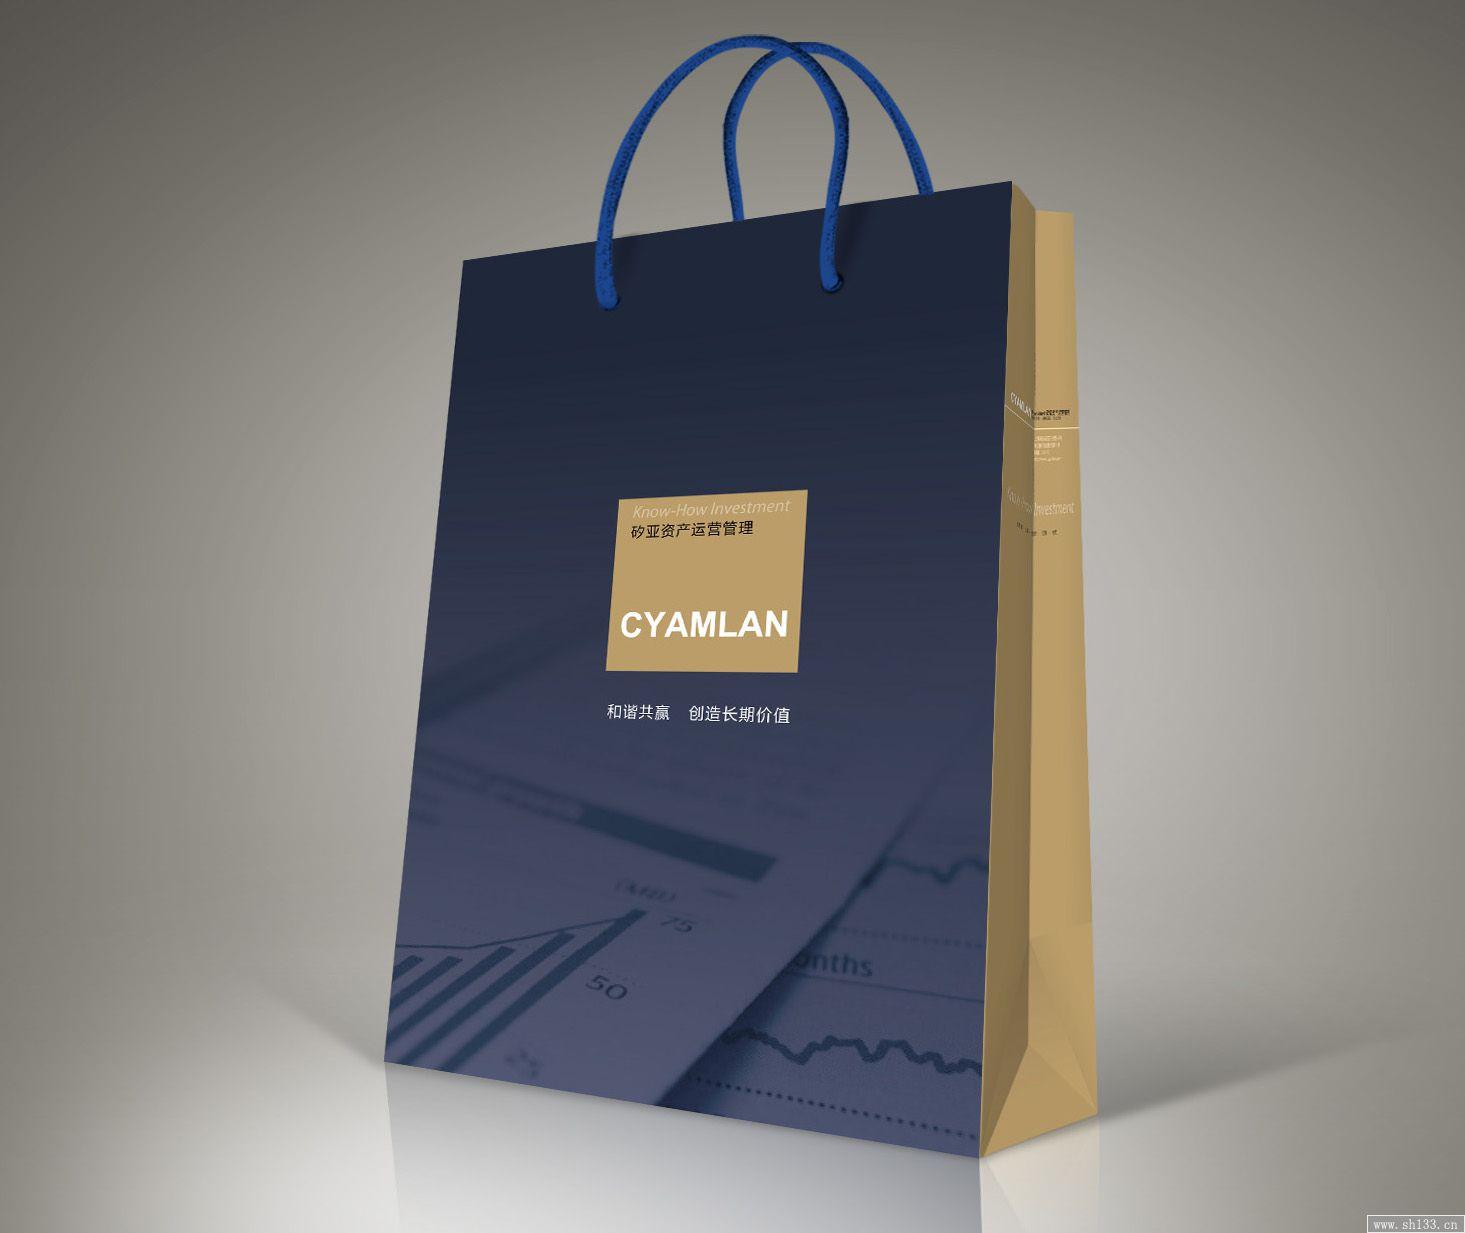 手提袋/纸拎袋--企业品牌手提袋印刷